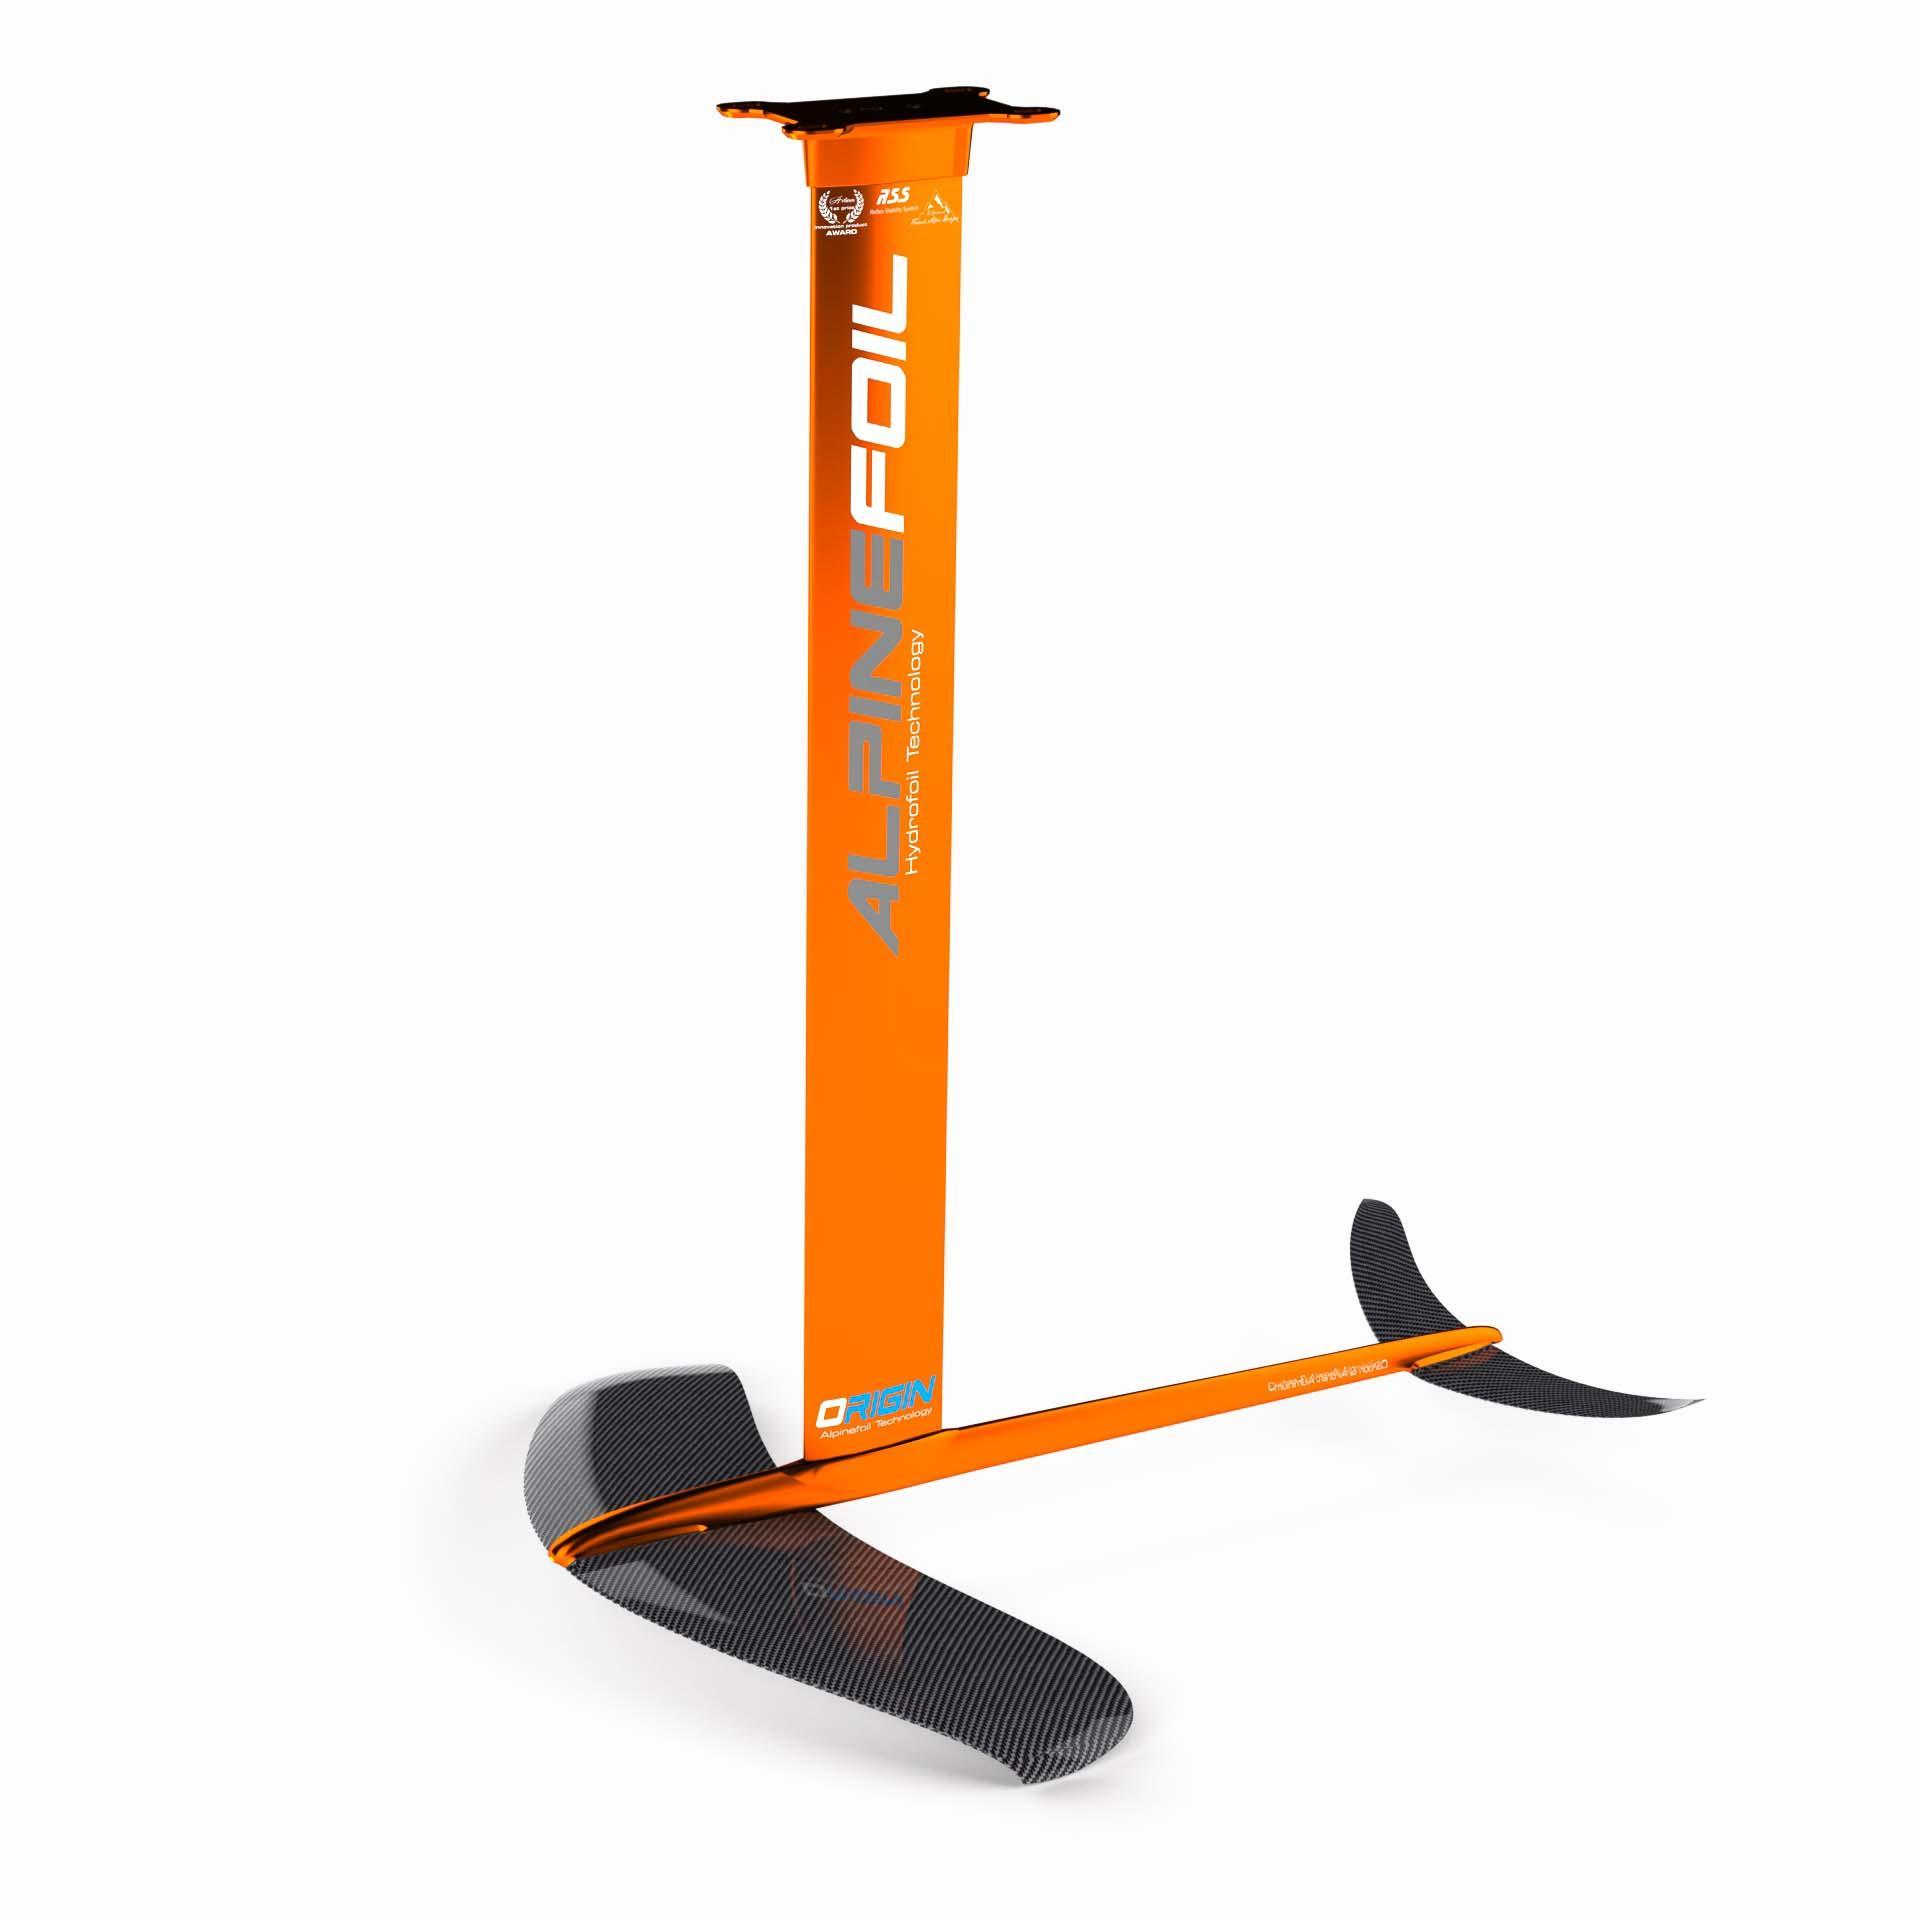 Kitefoil alpinefoil origin 15